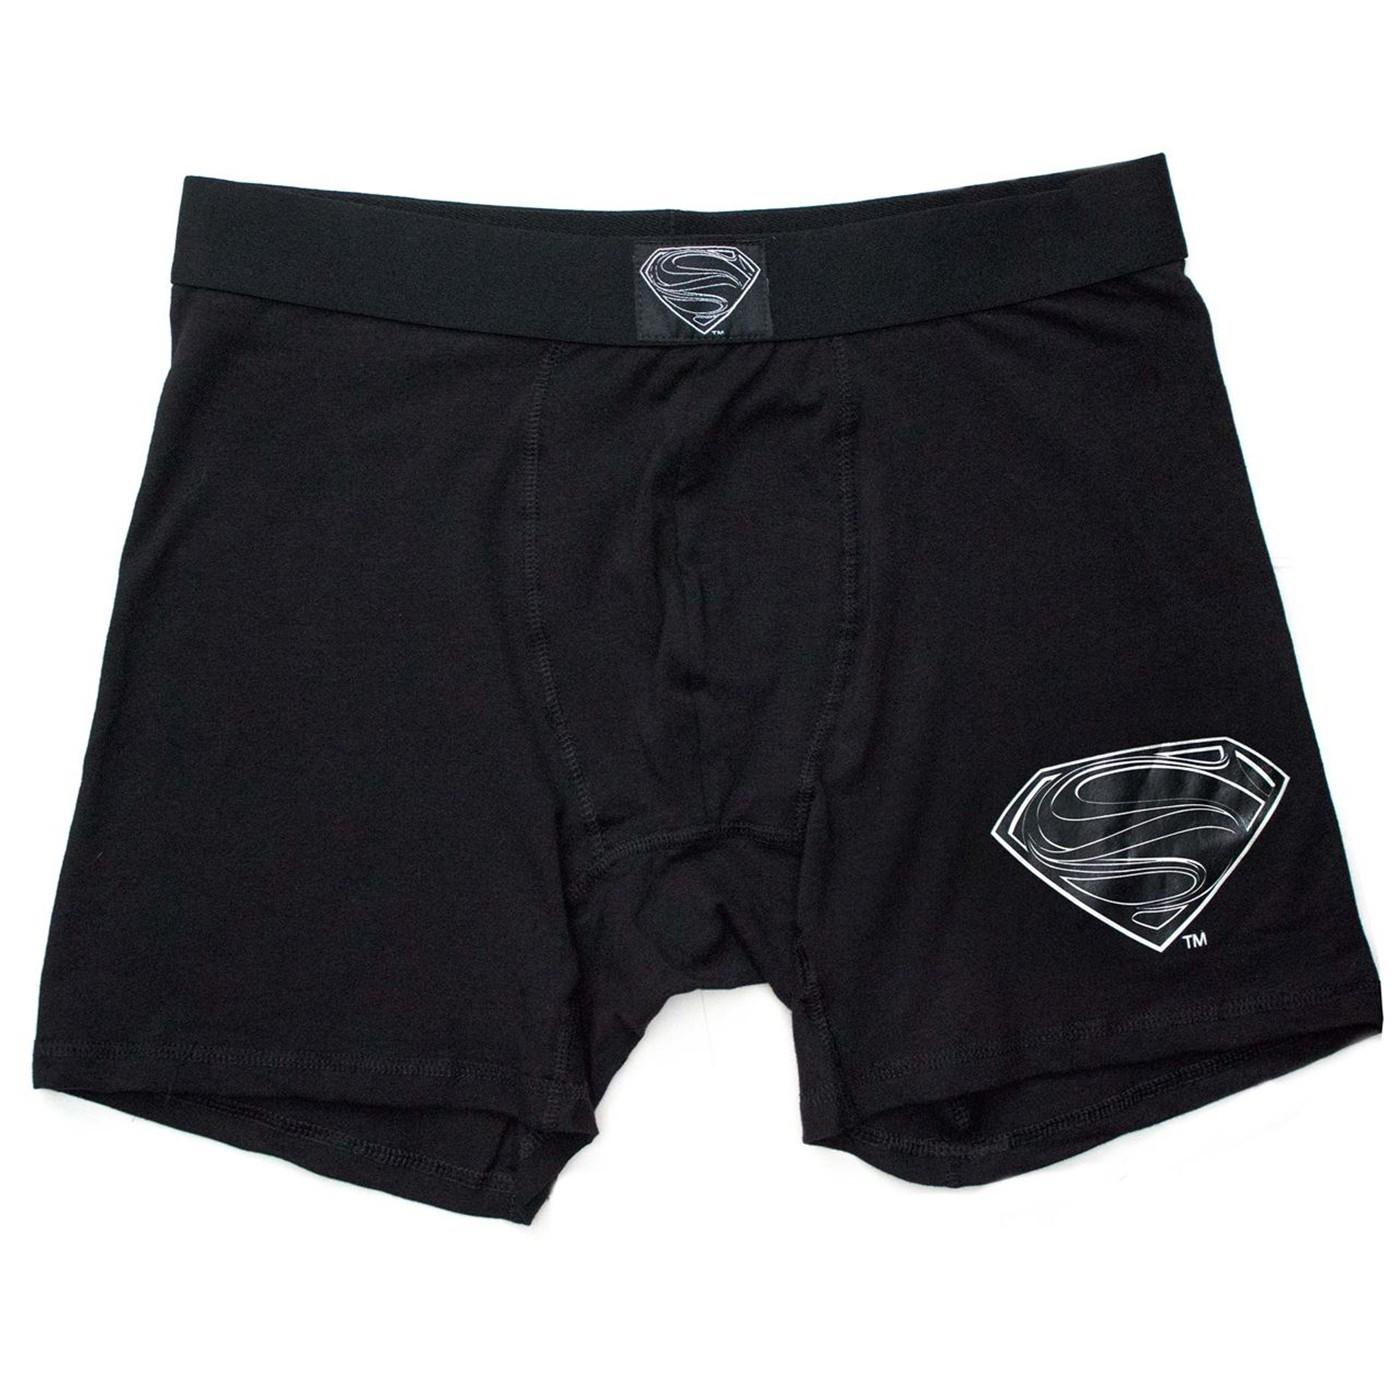 Superman Black Suit Men's Underwear Boxer Briefs